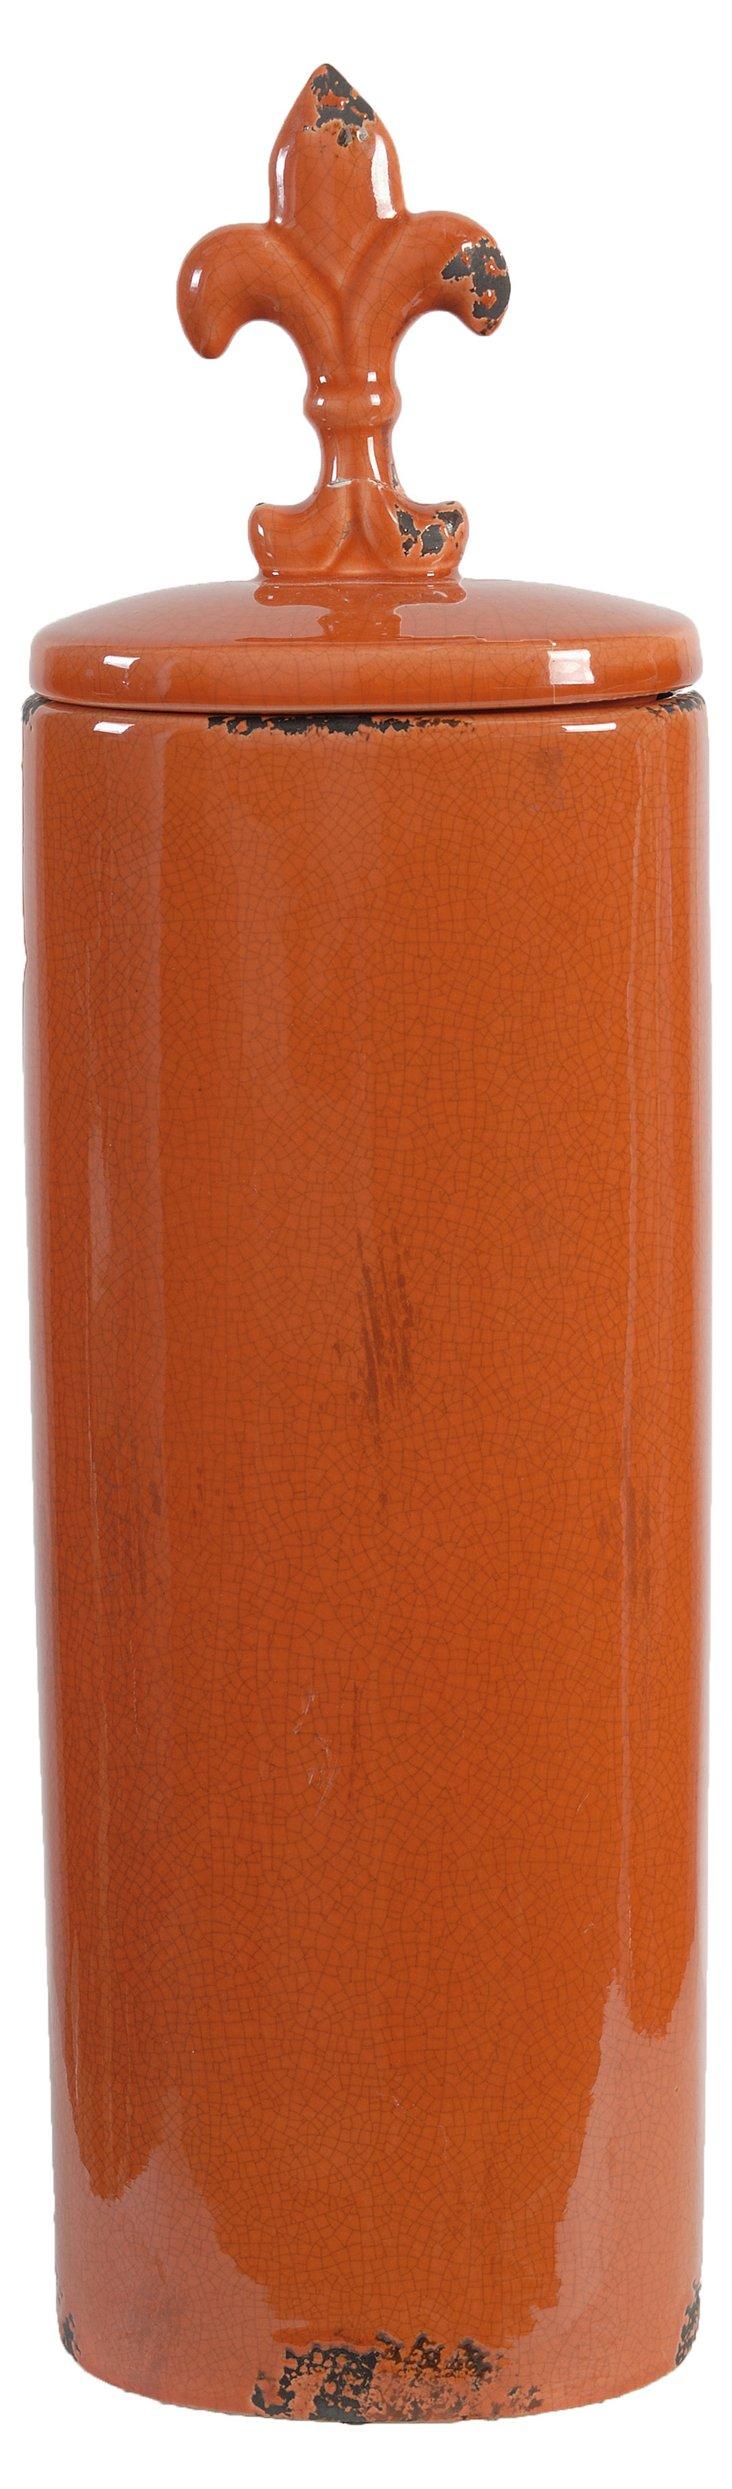 Ceramic Fleur-de-Lis Cottage Jar